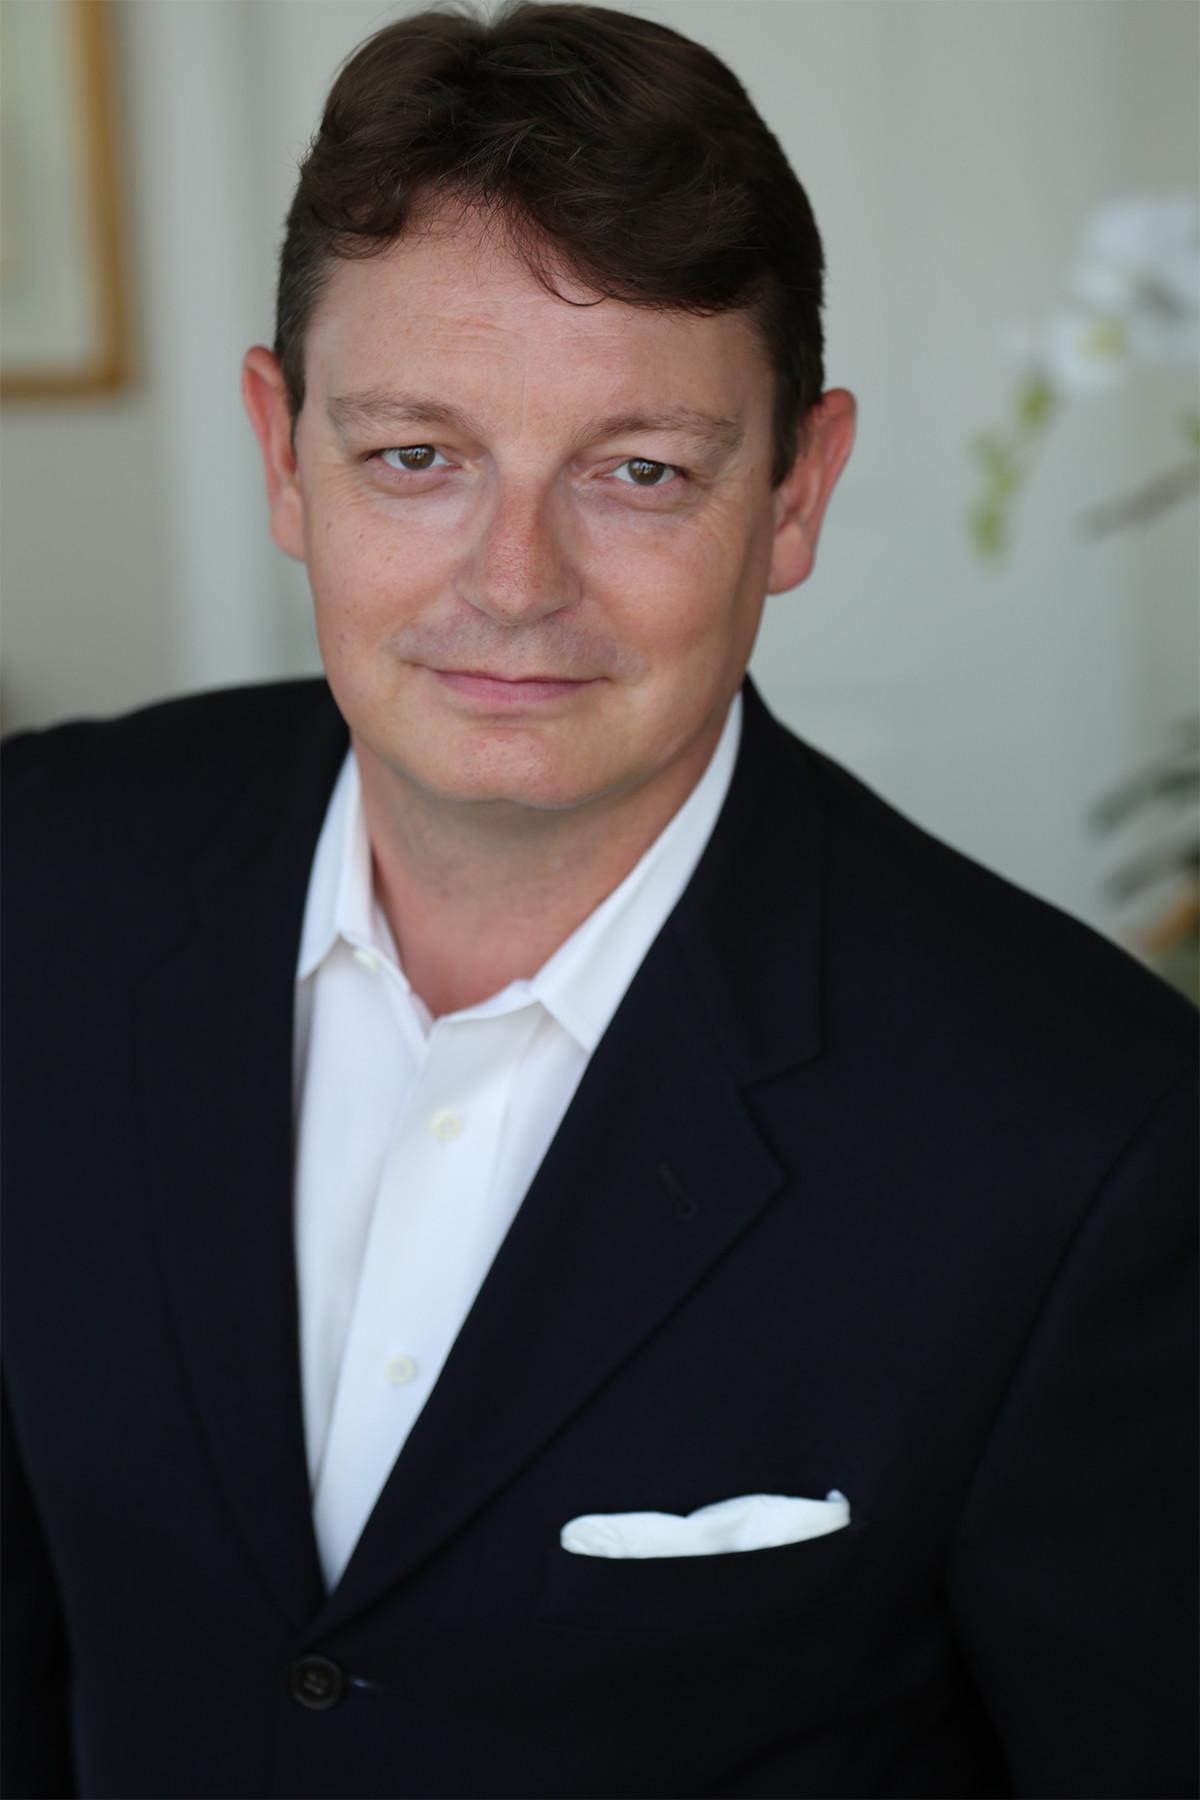 Darren Duke